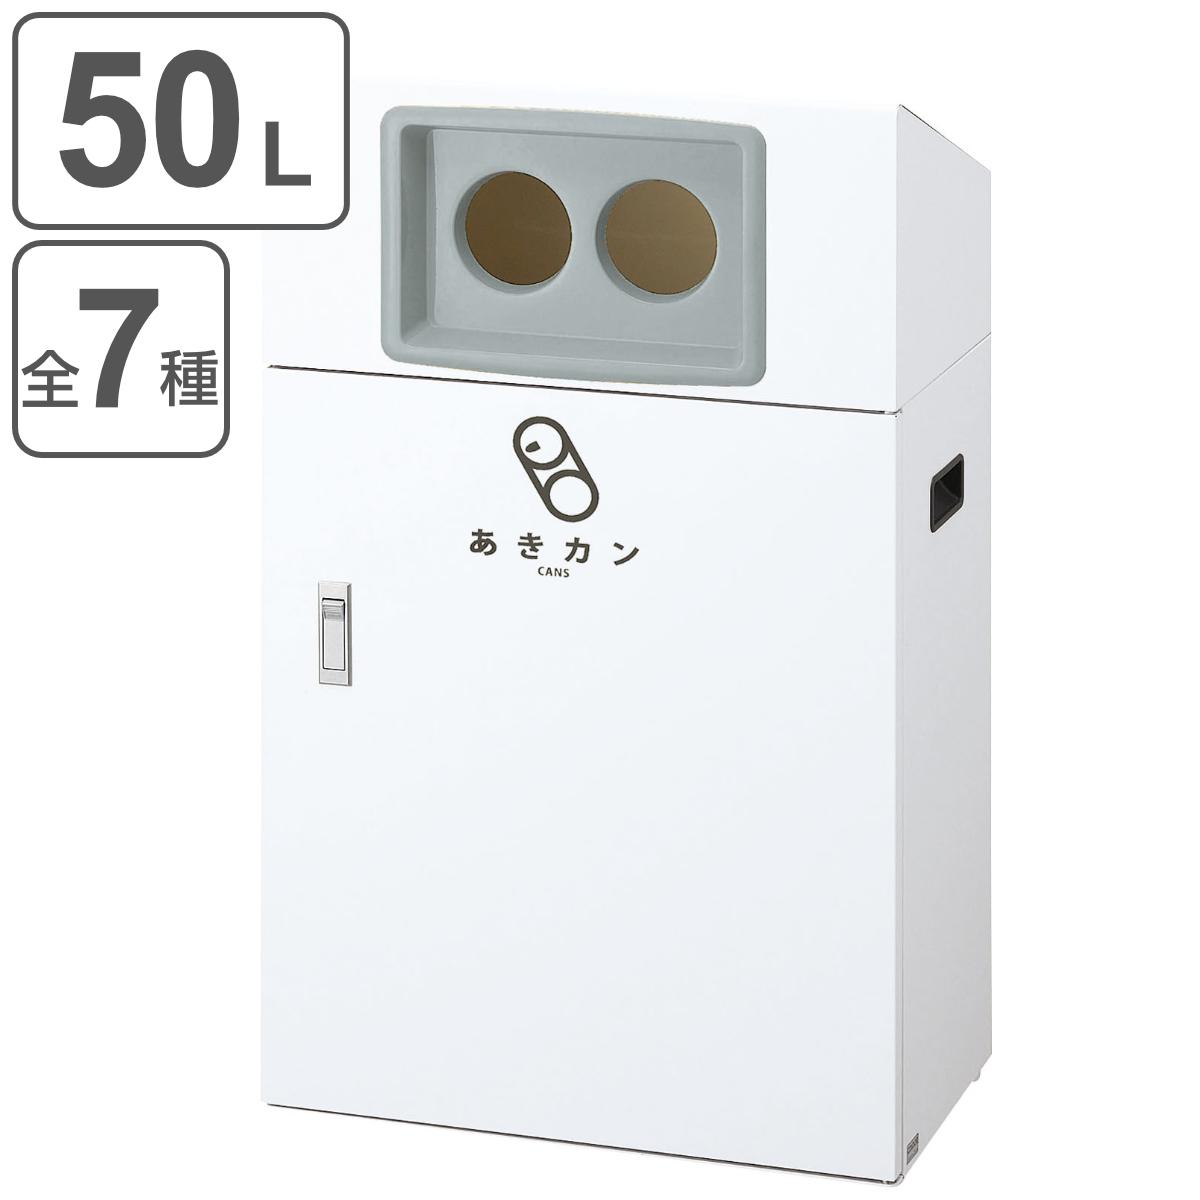 分別ゴミ箱 屋外用 リサイクルボックス YO-50 ( 送料無料 ダストボックス 屑入れ 業務用 )